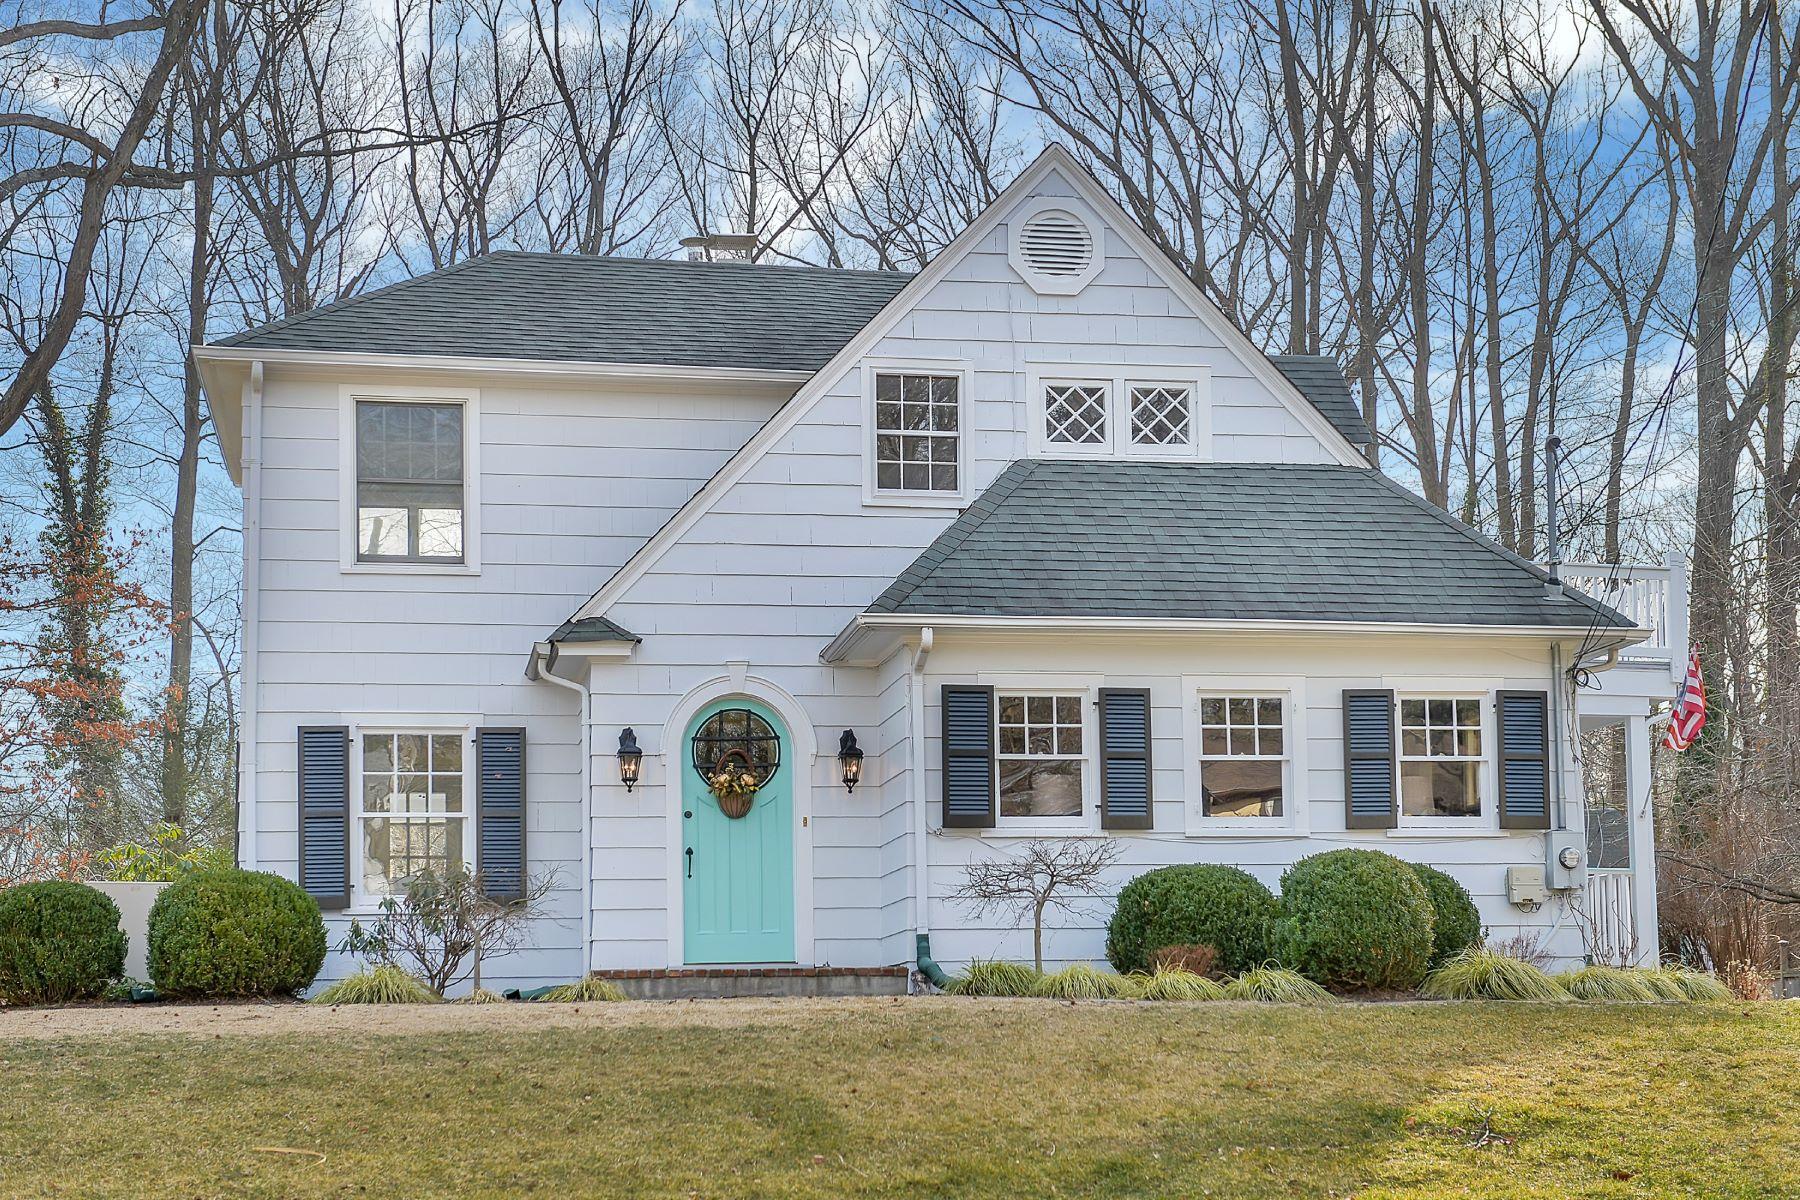 Maison unifamiliale pour l Vente à Stunning Cottage-Style Charmer 1295 Denmark Road Plainfield, New Jersey 07062 États-Unis